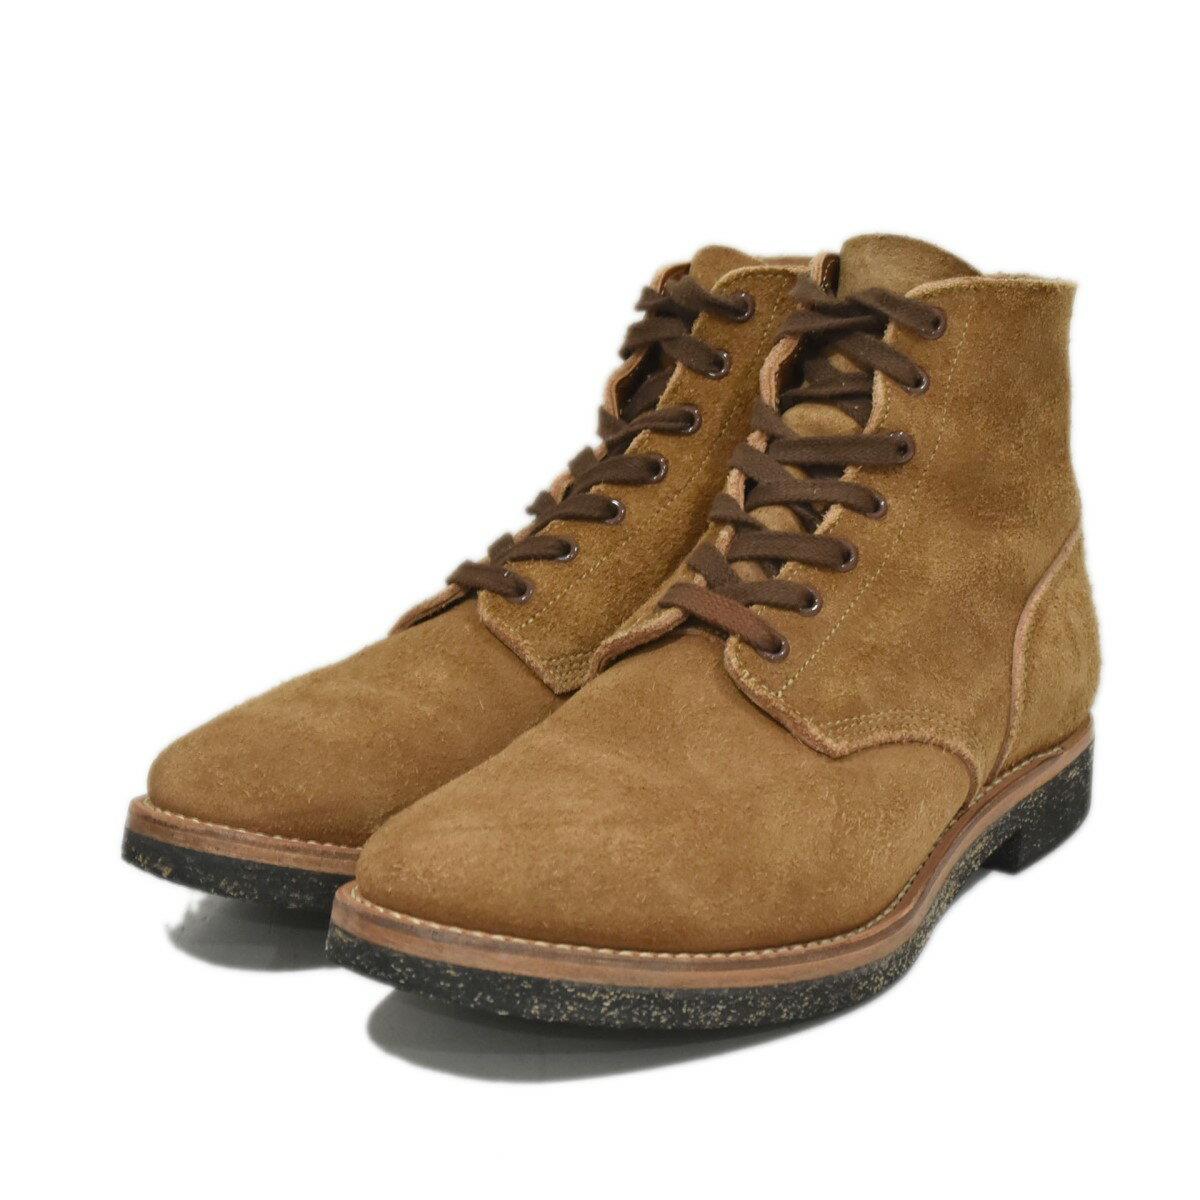 メンズ靴, その他 THE REAL McCOYS USN N-1 83098 9 12D 190521